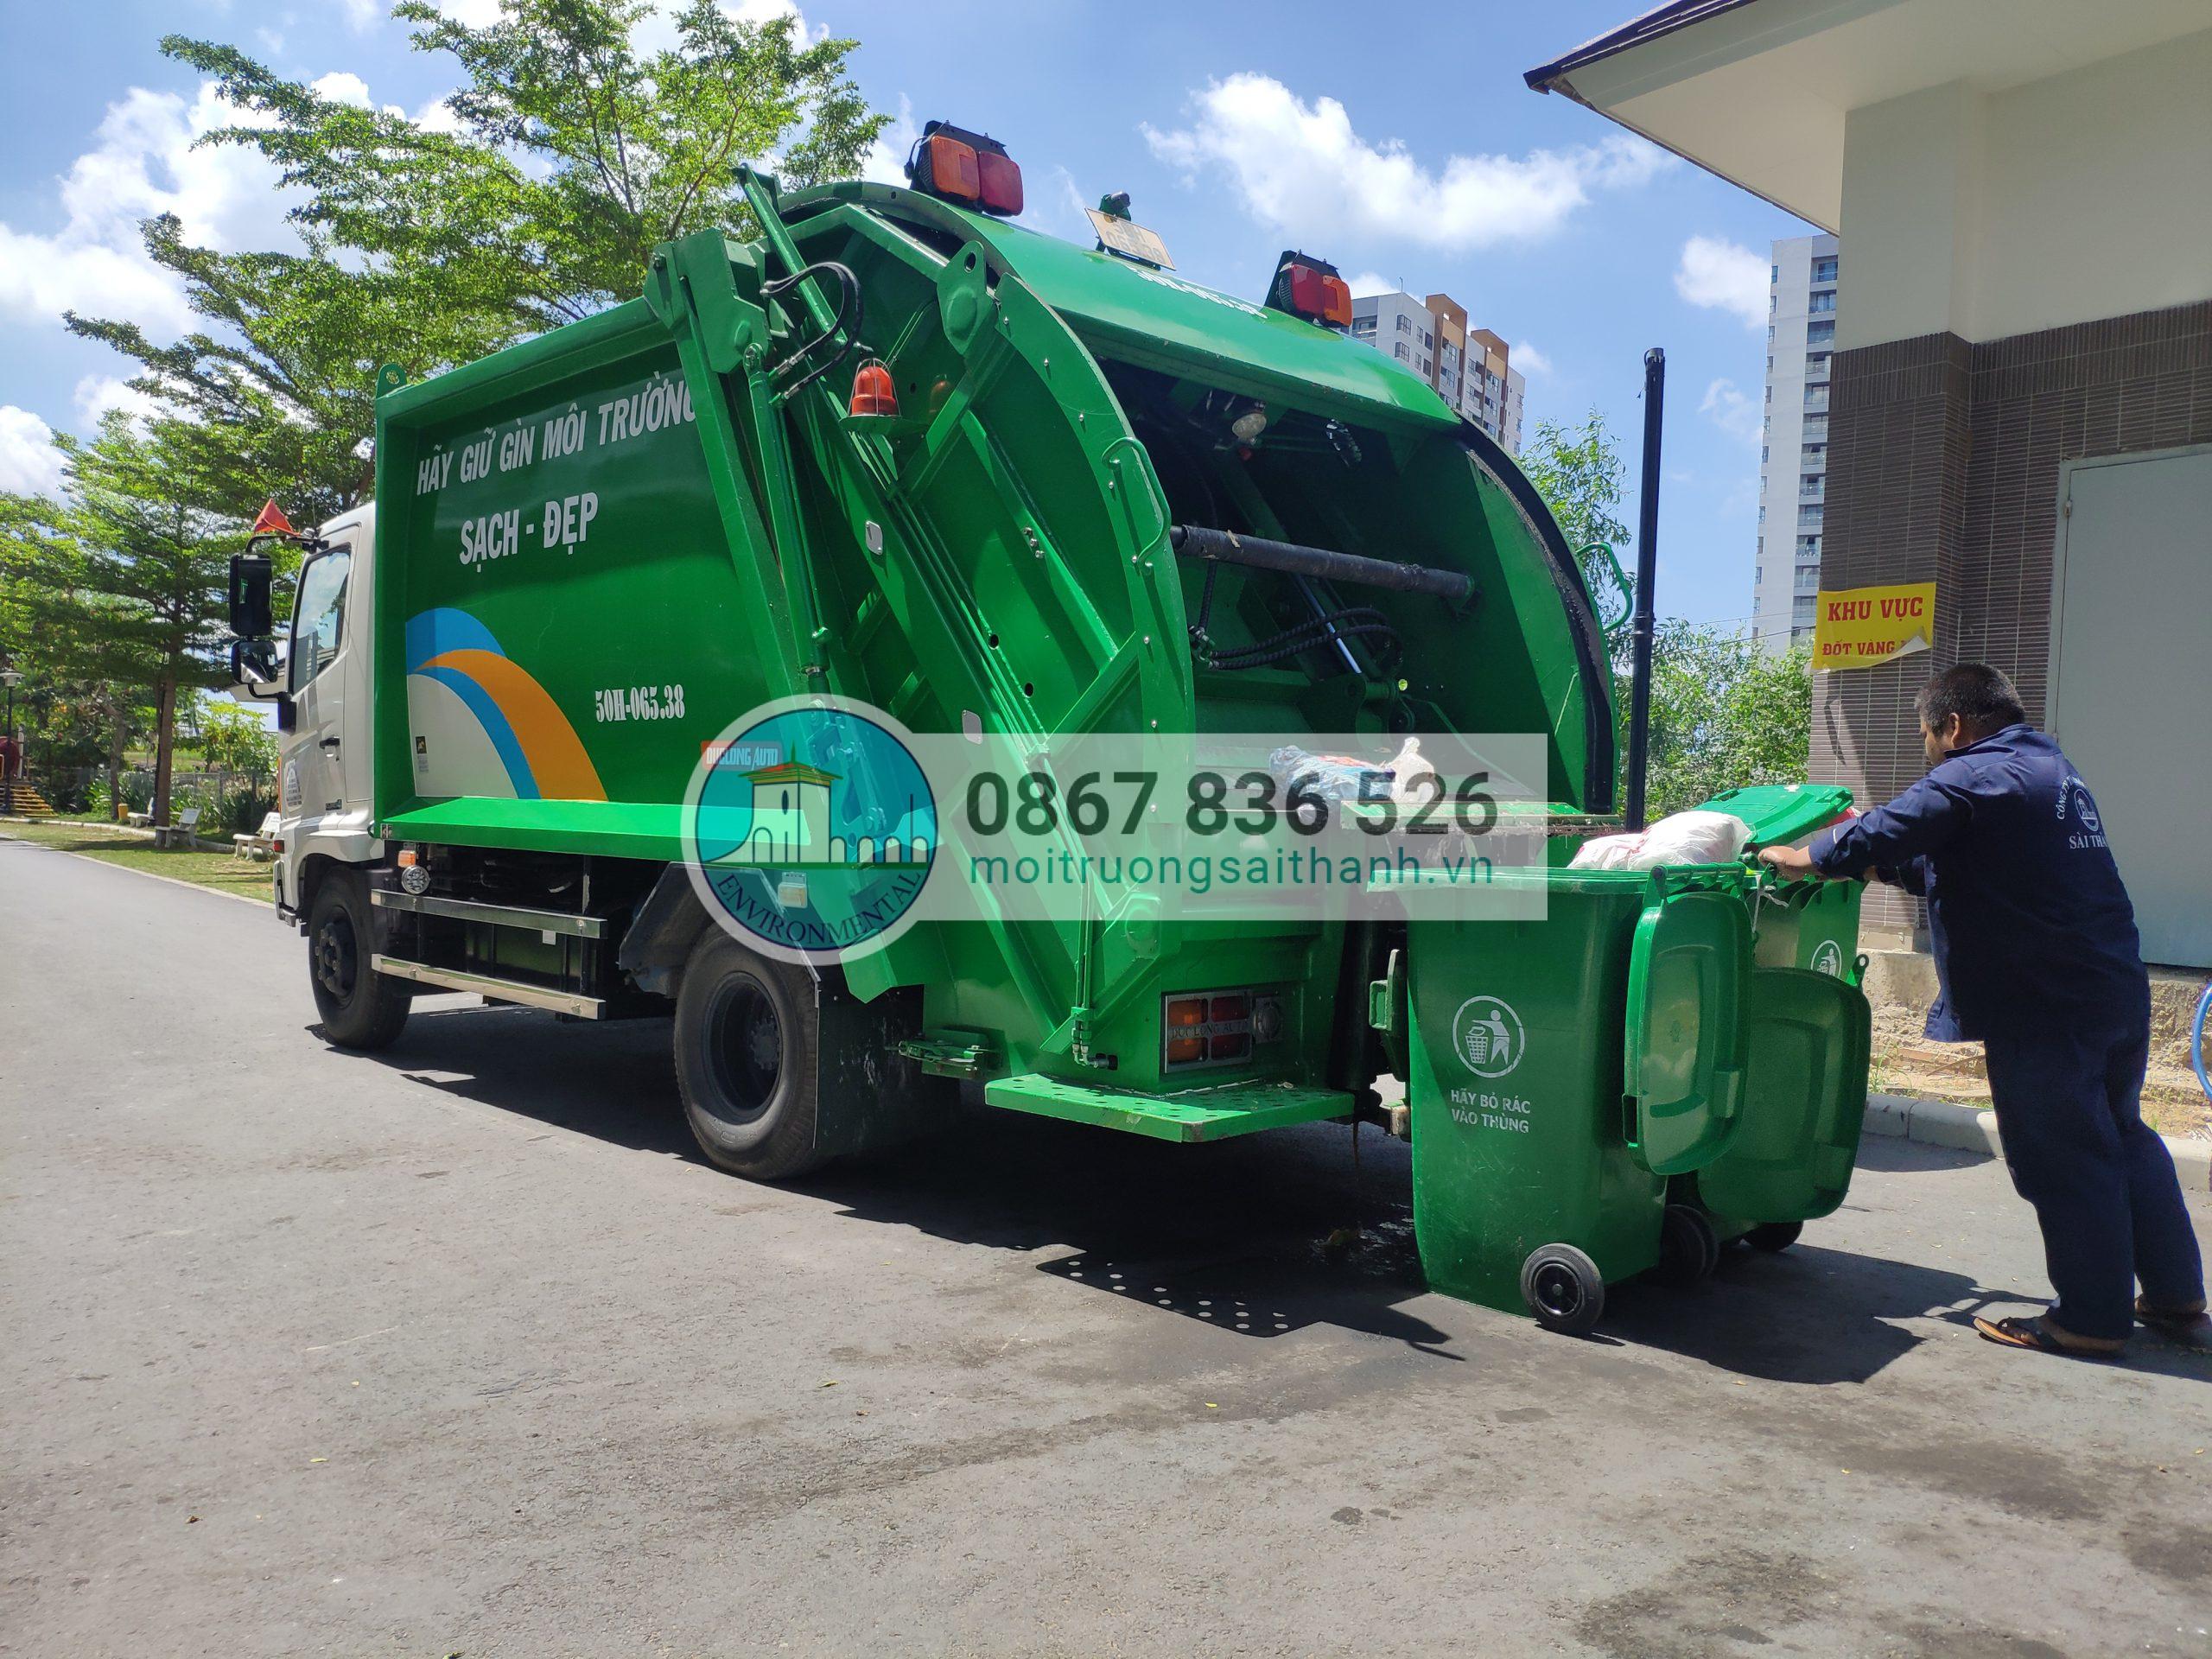 Thu gom rác sinh hoạt nhà cao tầng